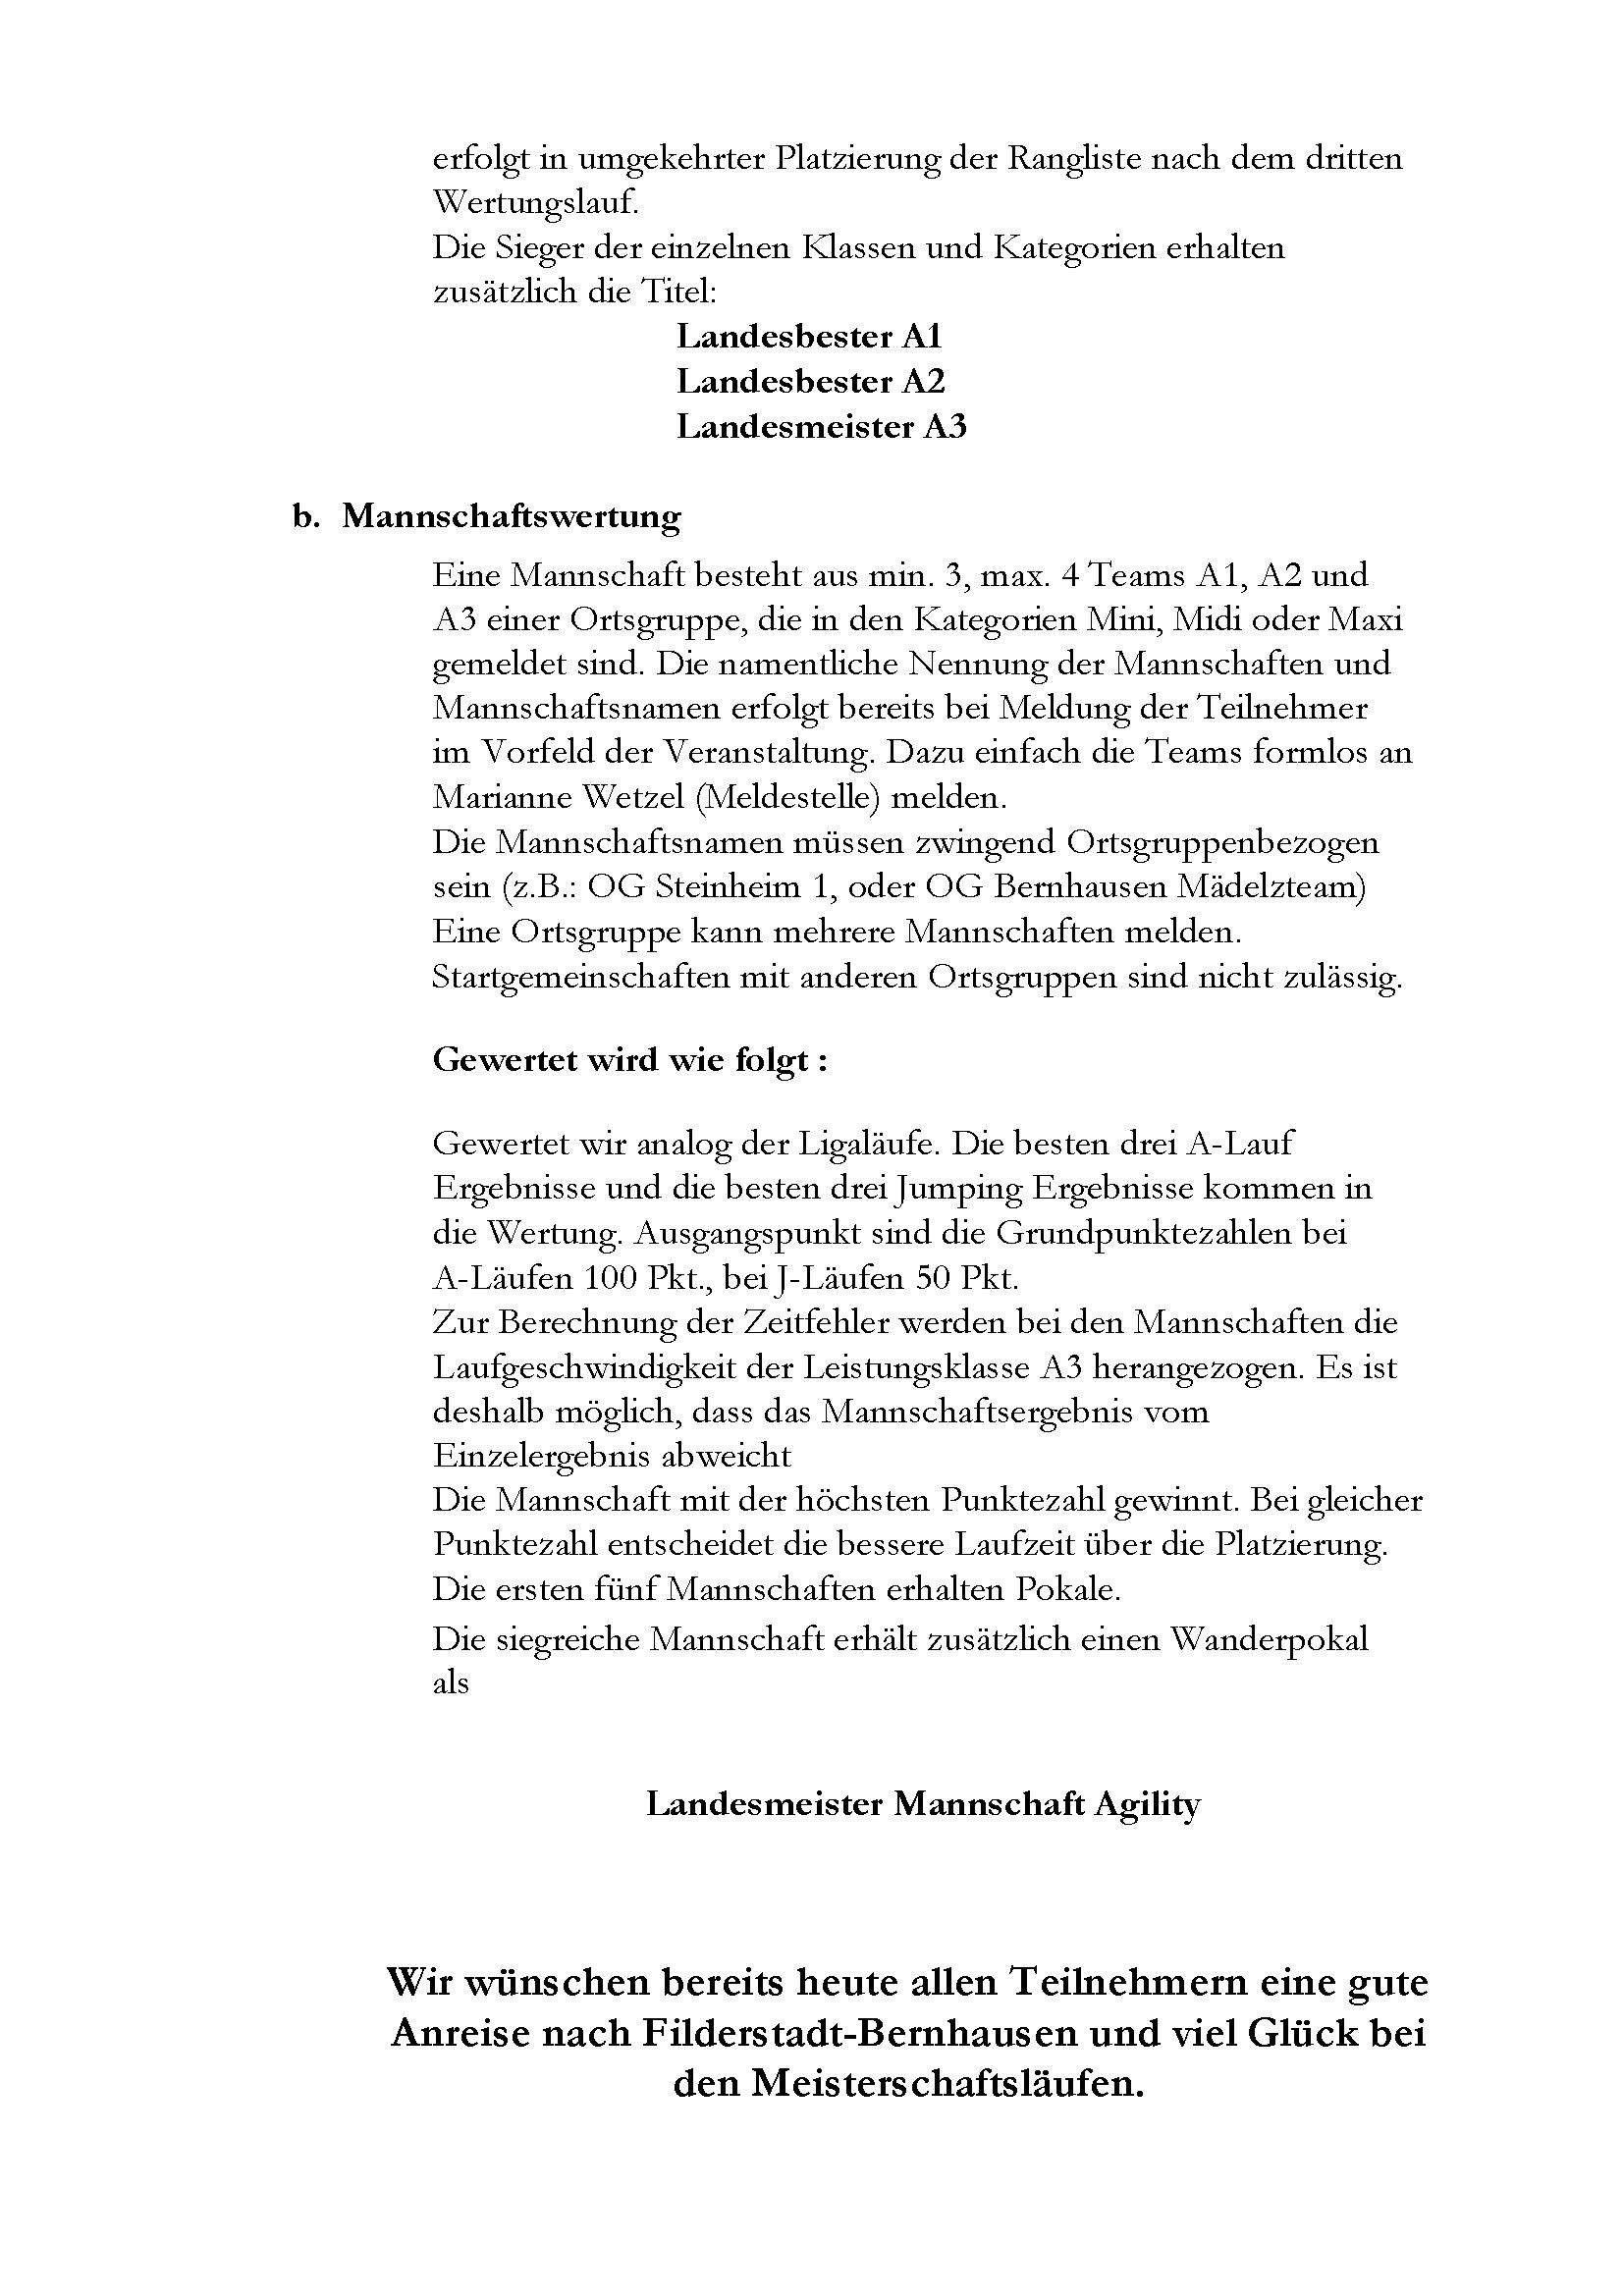 SVOGBernhausen_Agility LM 2019_Seite_4